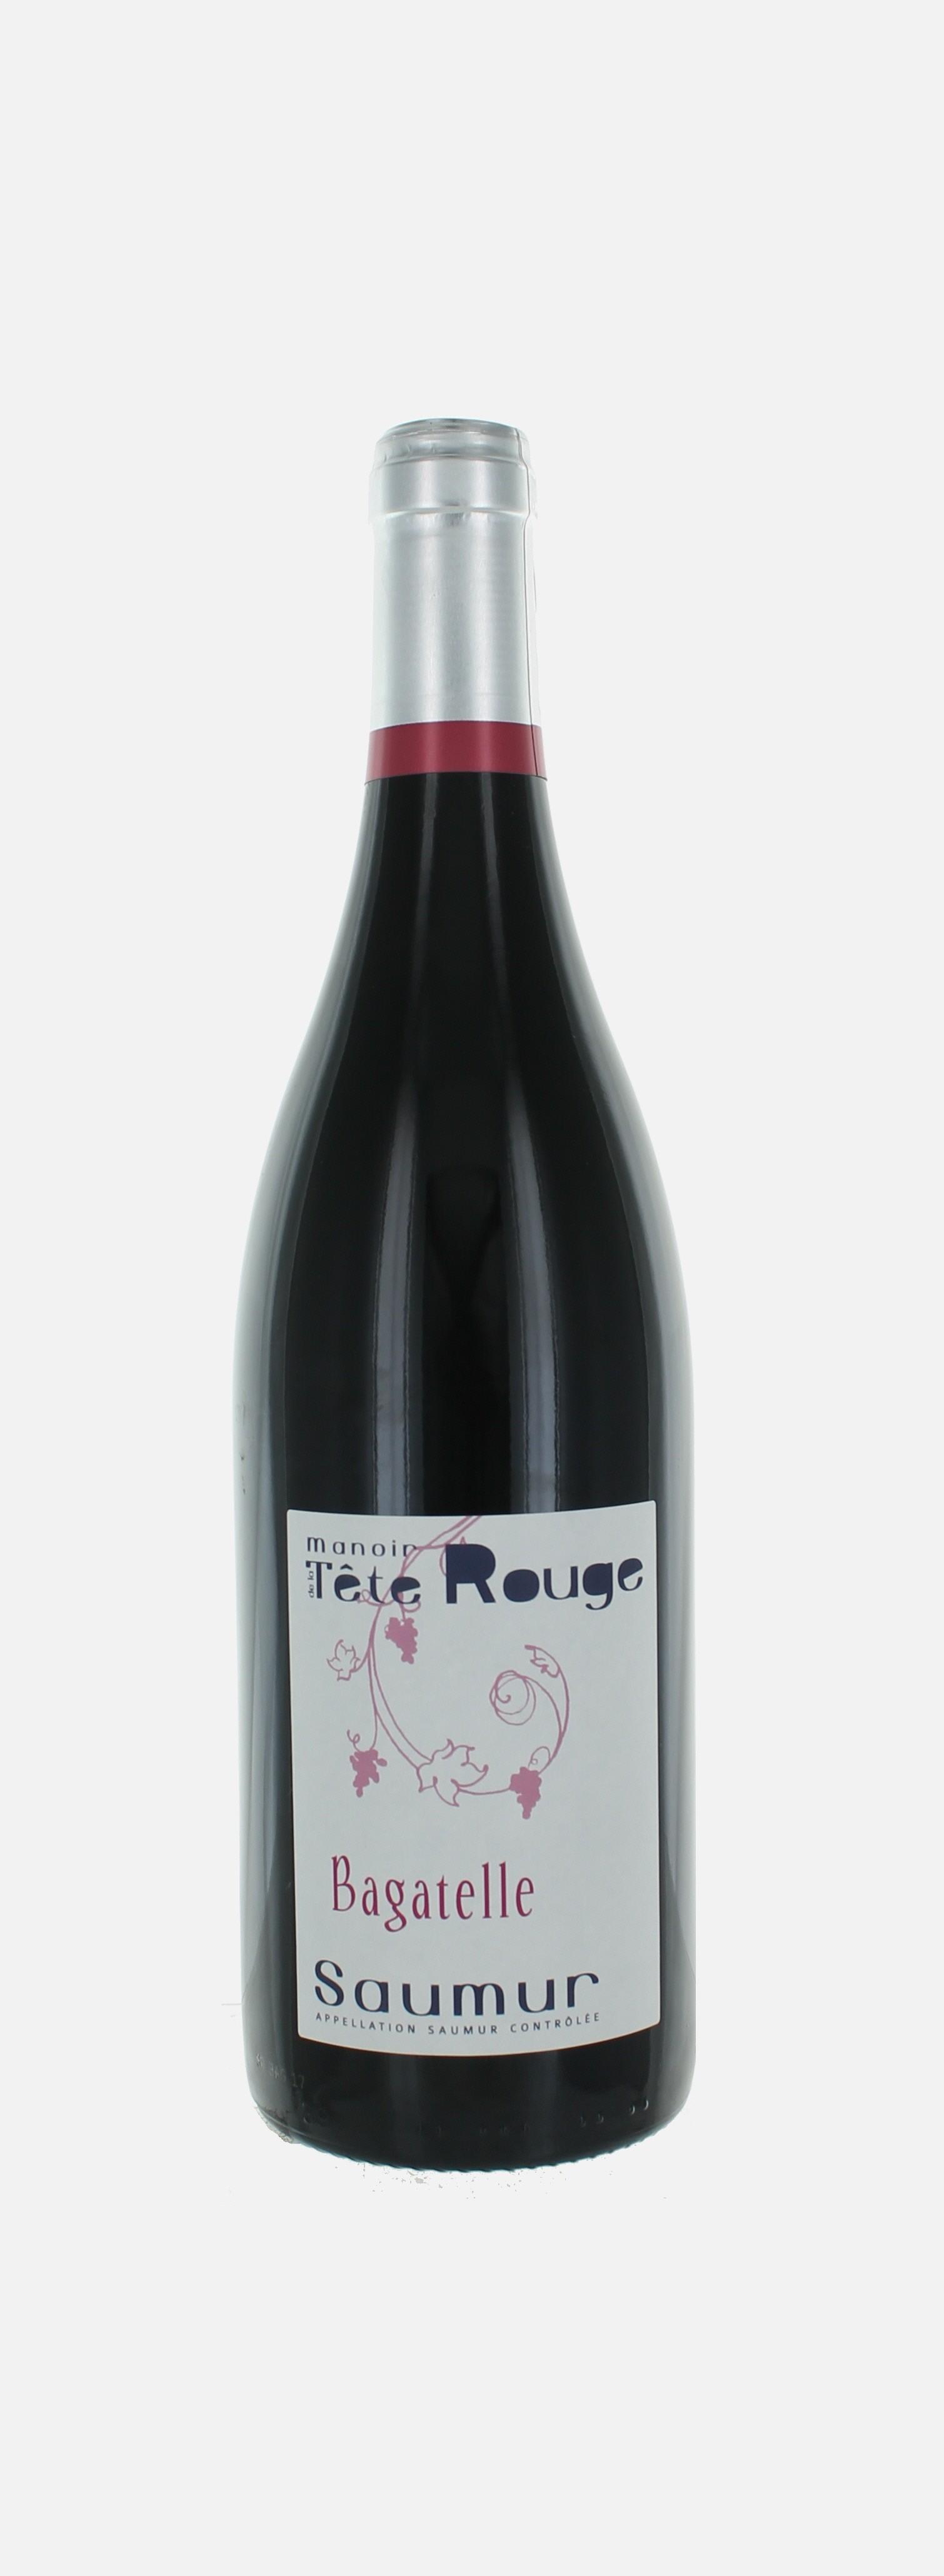 Bagatelle, Saumur,  Manoir de la Tête Rouge